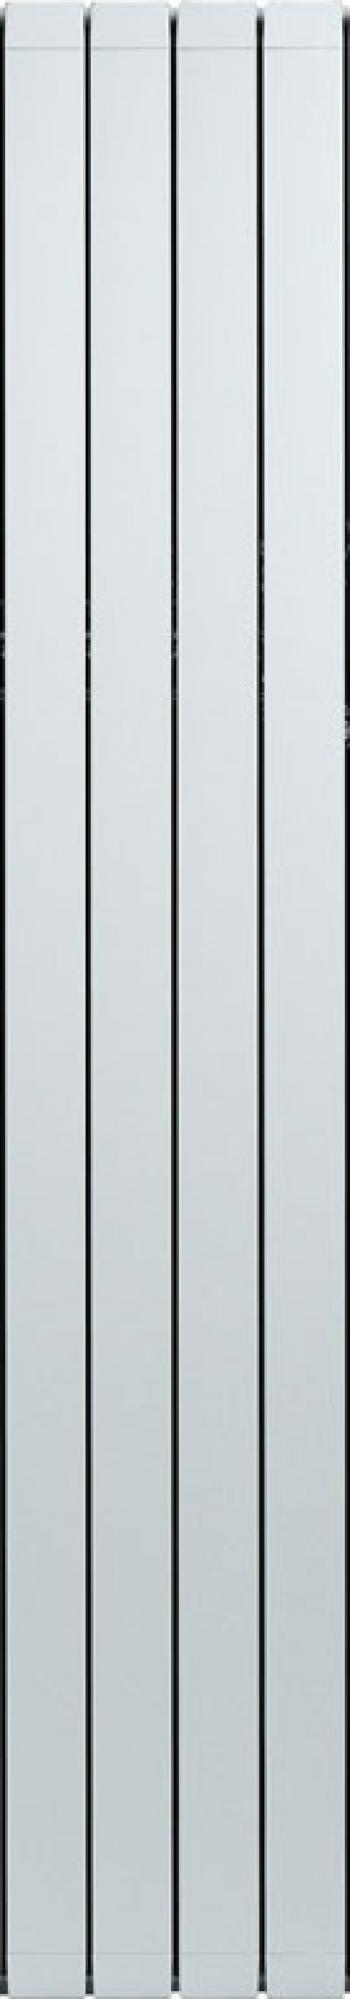 Calorifer/Radiator aluminiu Condor 1400 4 elementi Calorifere si accesorii